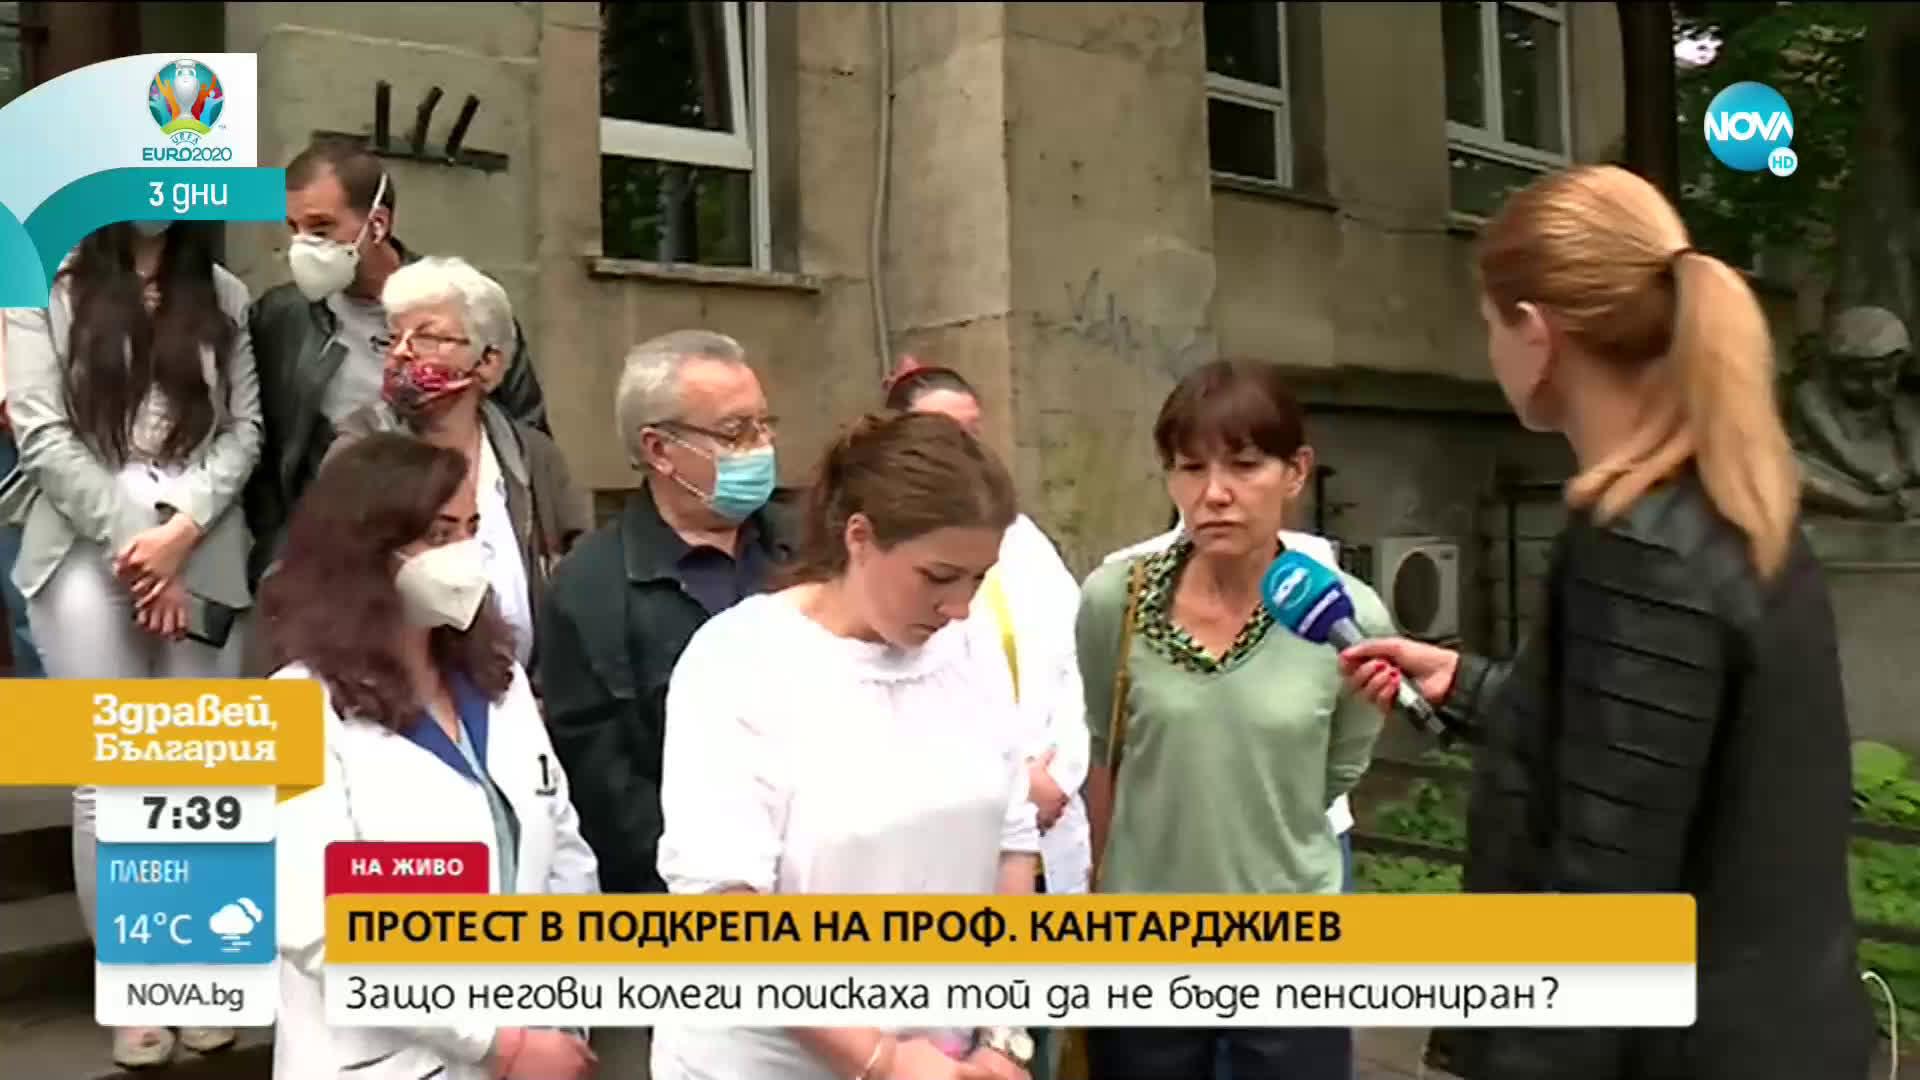 Колеги на пенсионирания проф. Кантарджиев протестират в негова защита